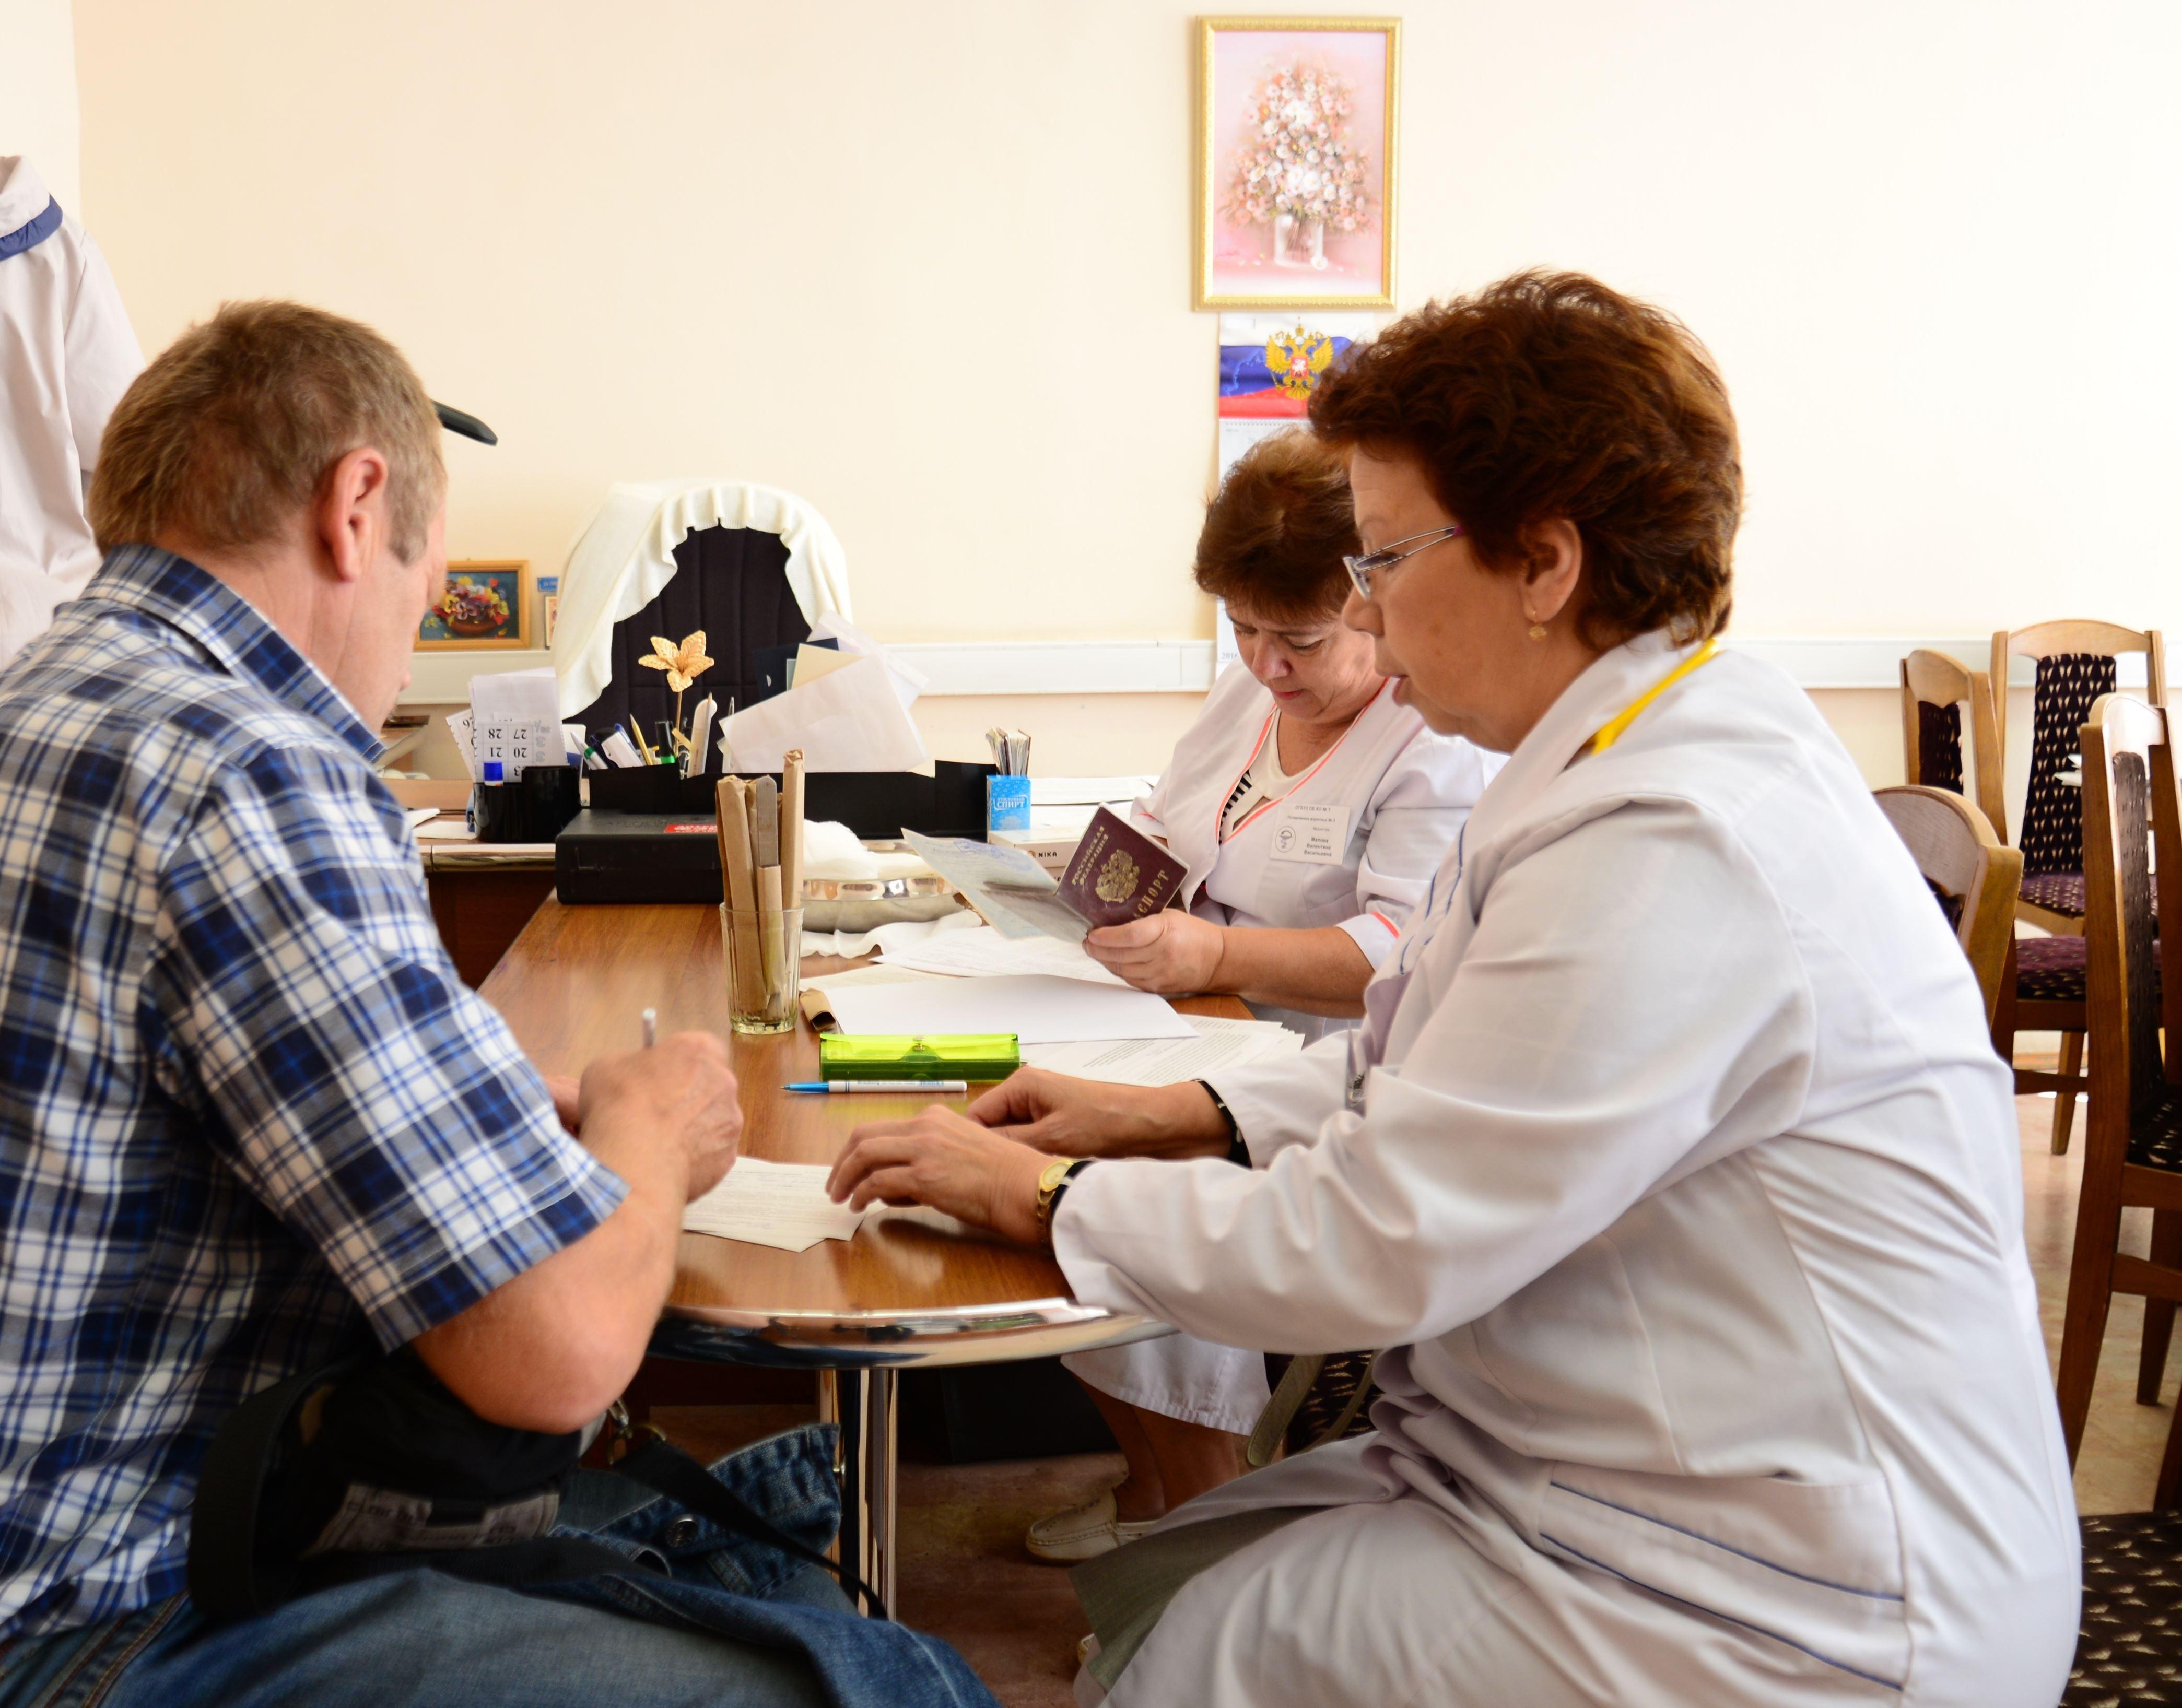 ВПермском крае начинается вакцинация детей ивзрослых против гриппа